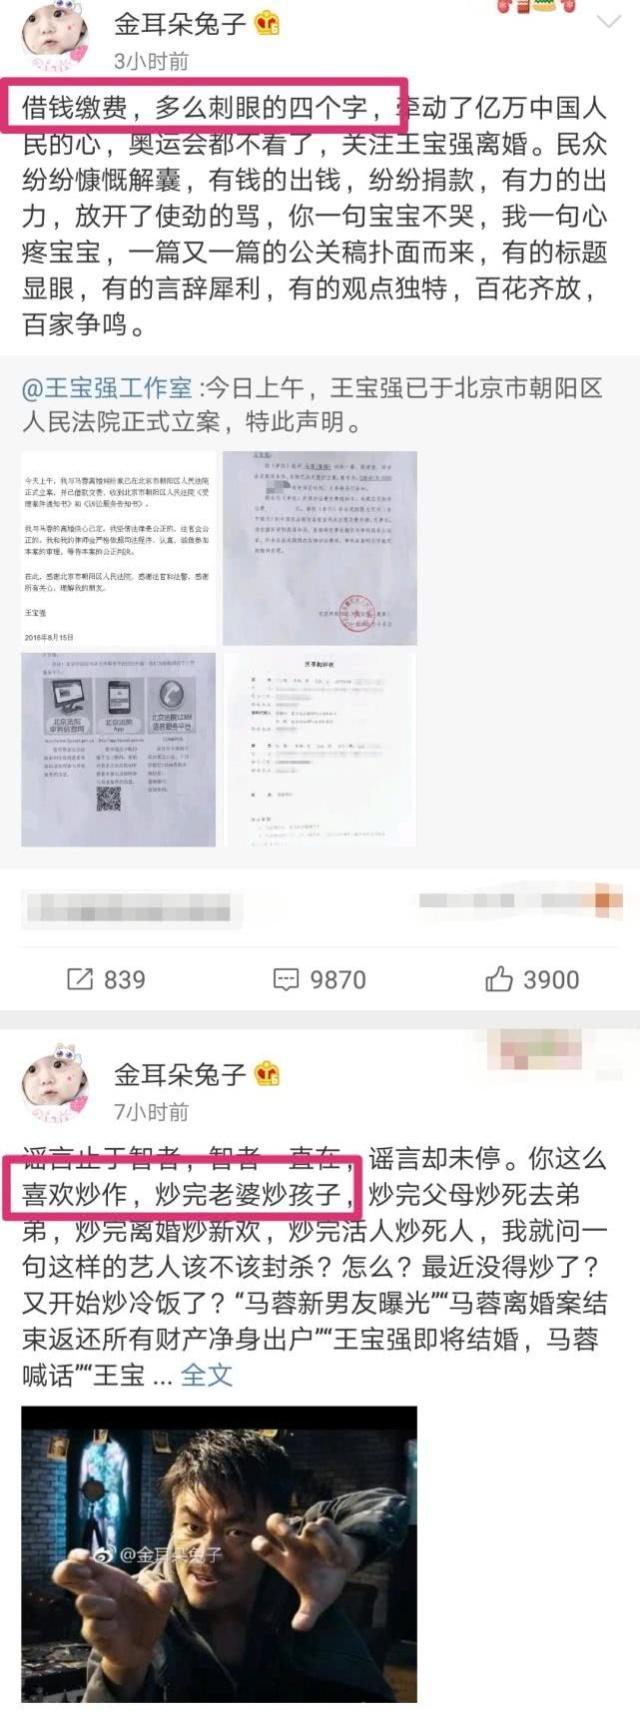 马蓉晒账单锤王宝强 称其故意卖惨博得网民同情